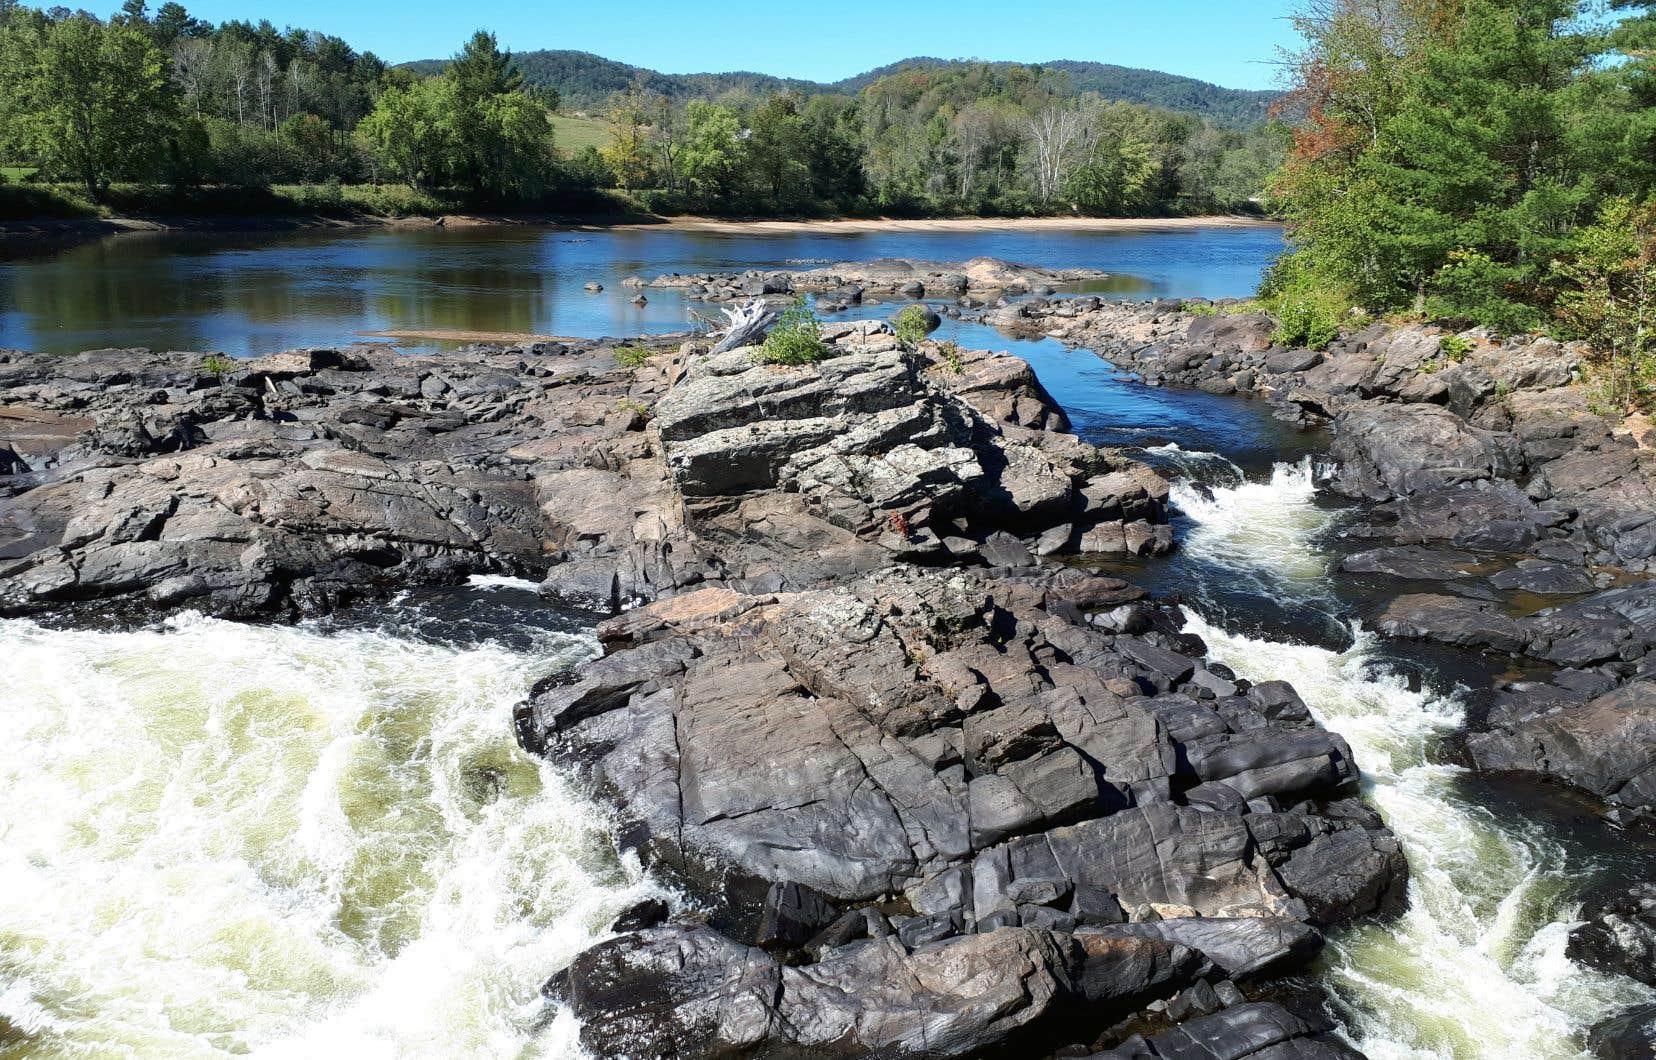 L'organisme Eau Secours s'est dit inquiet de constater que plusieurs cours d'eau pourraient être ouverts aux forages.